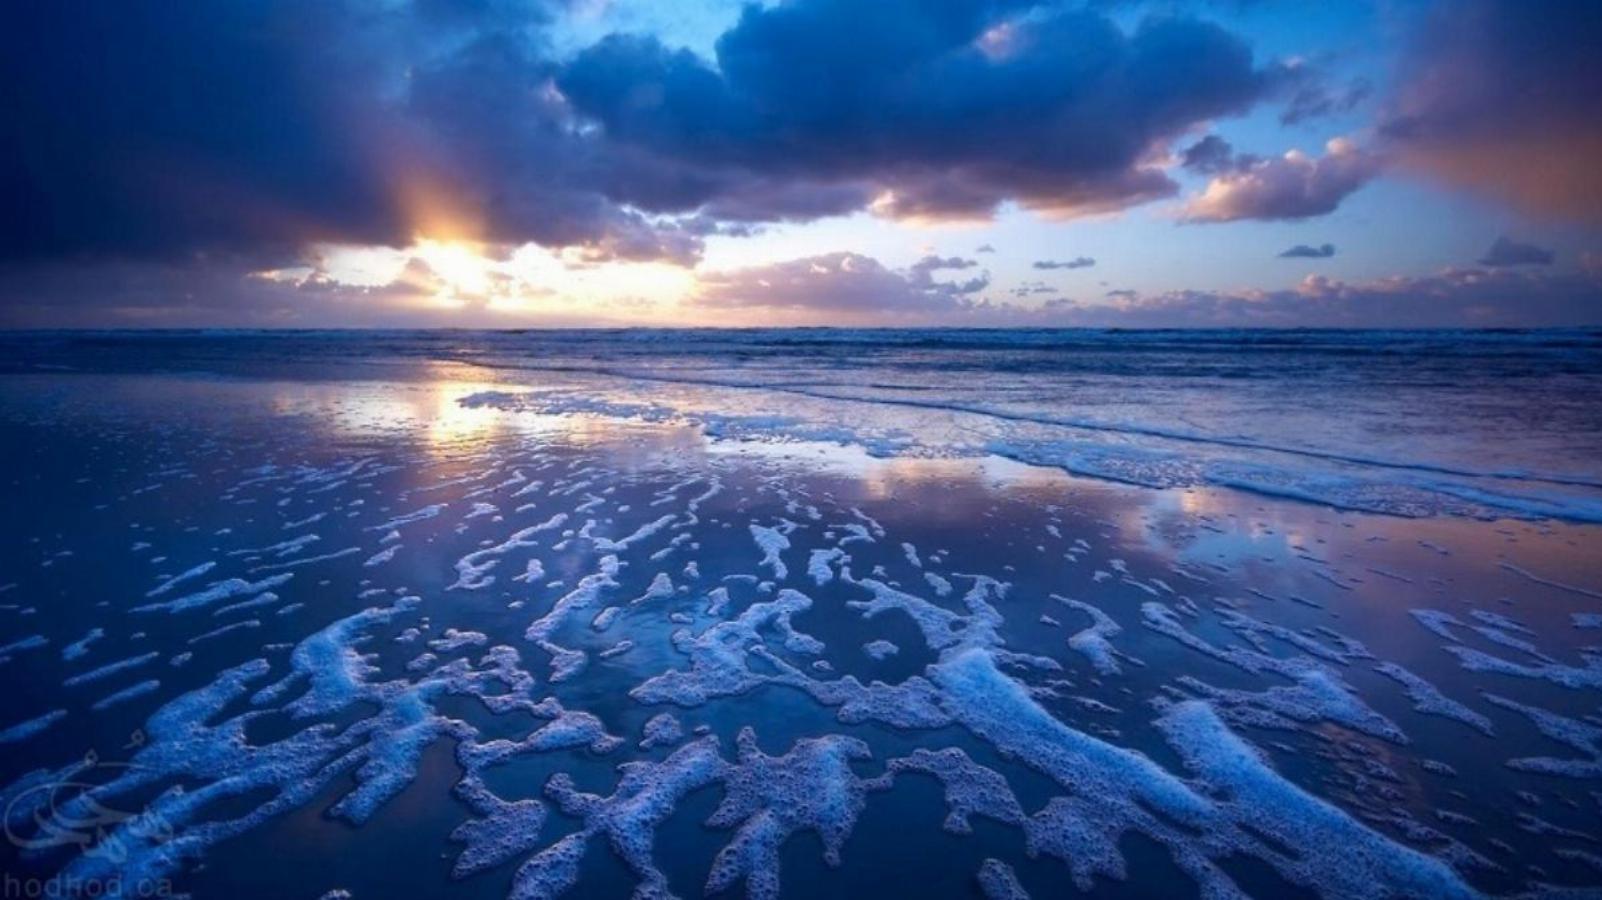 الفبای محیط زیست، اقیانوس: مخزن خون حیاتبخش زمین